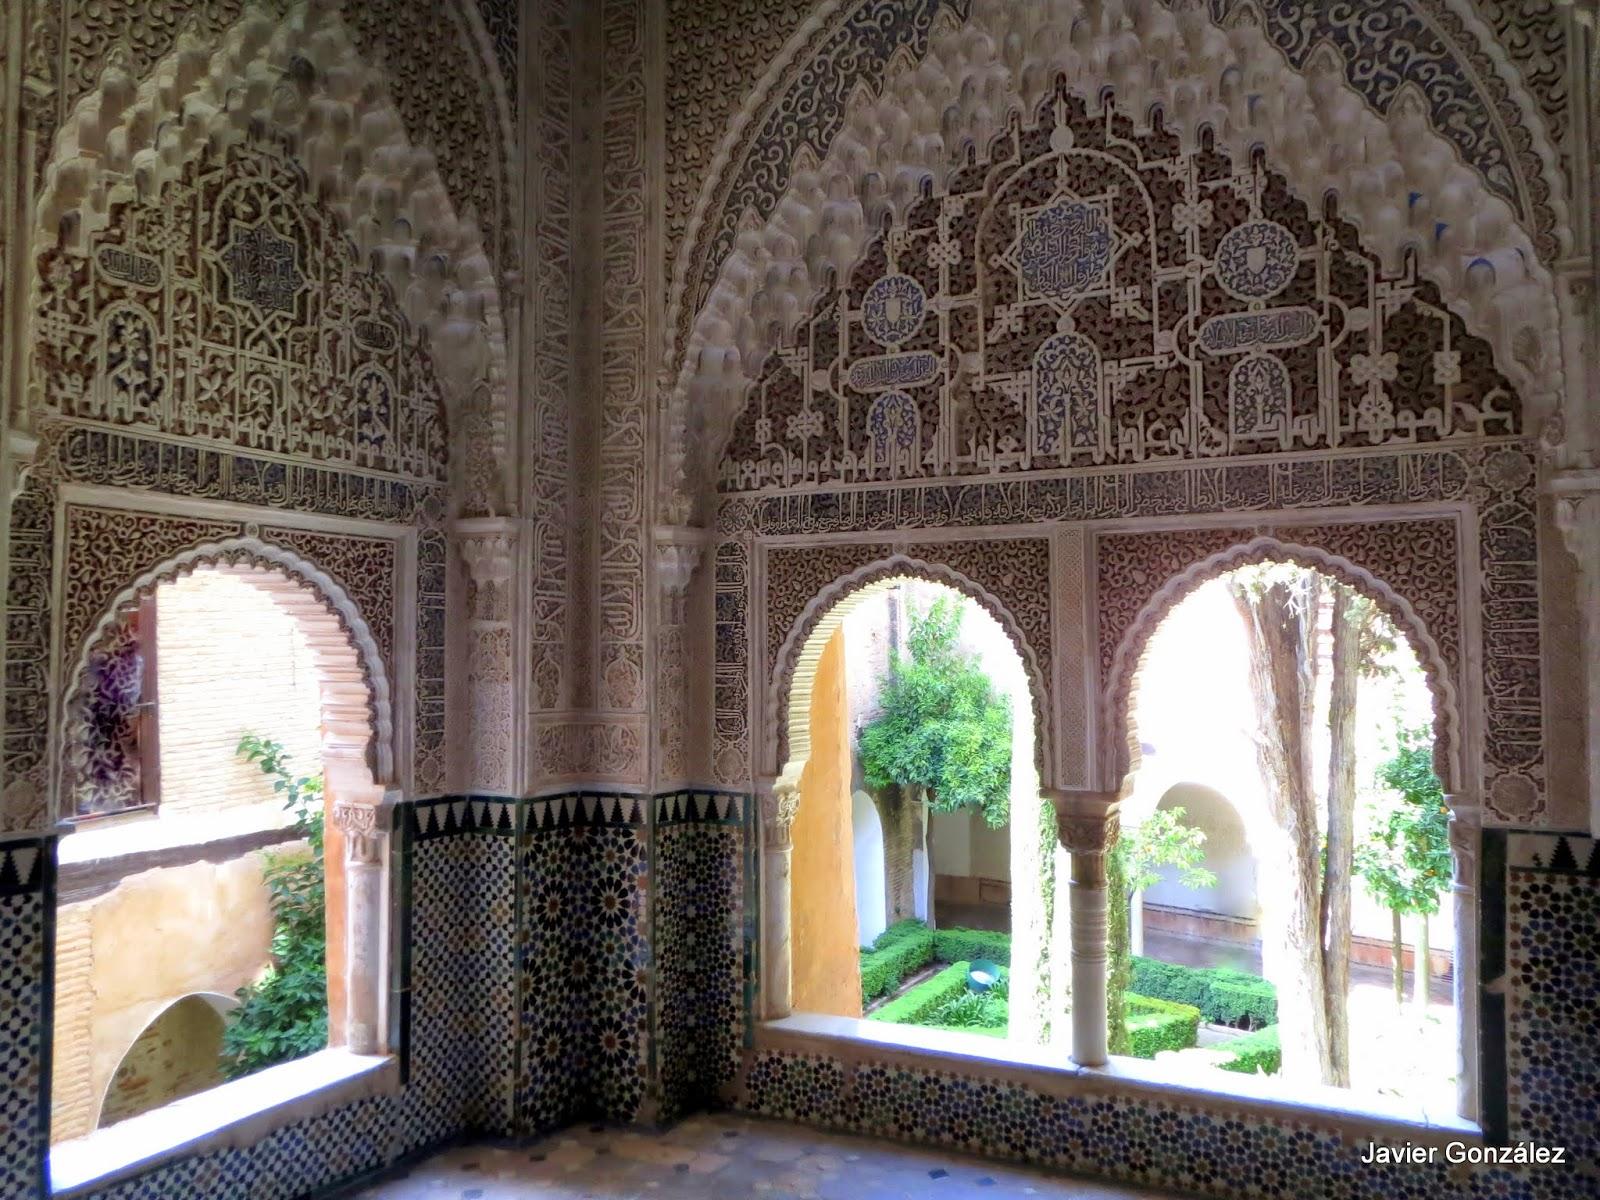 La Alhambra. Mirador de Lindaraja